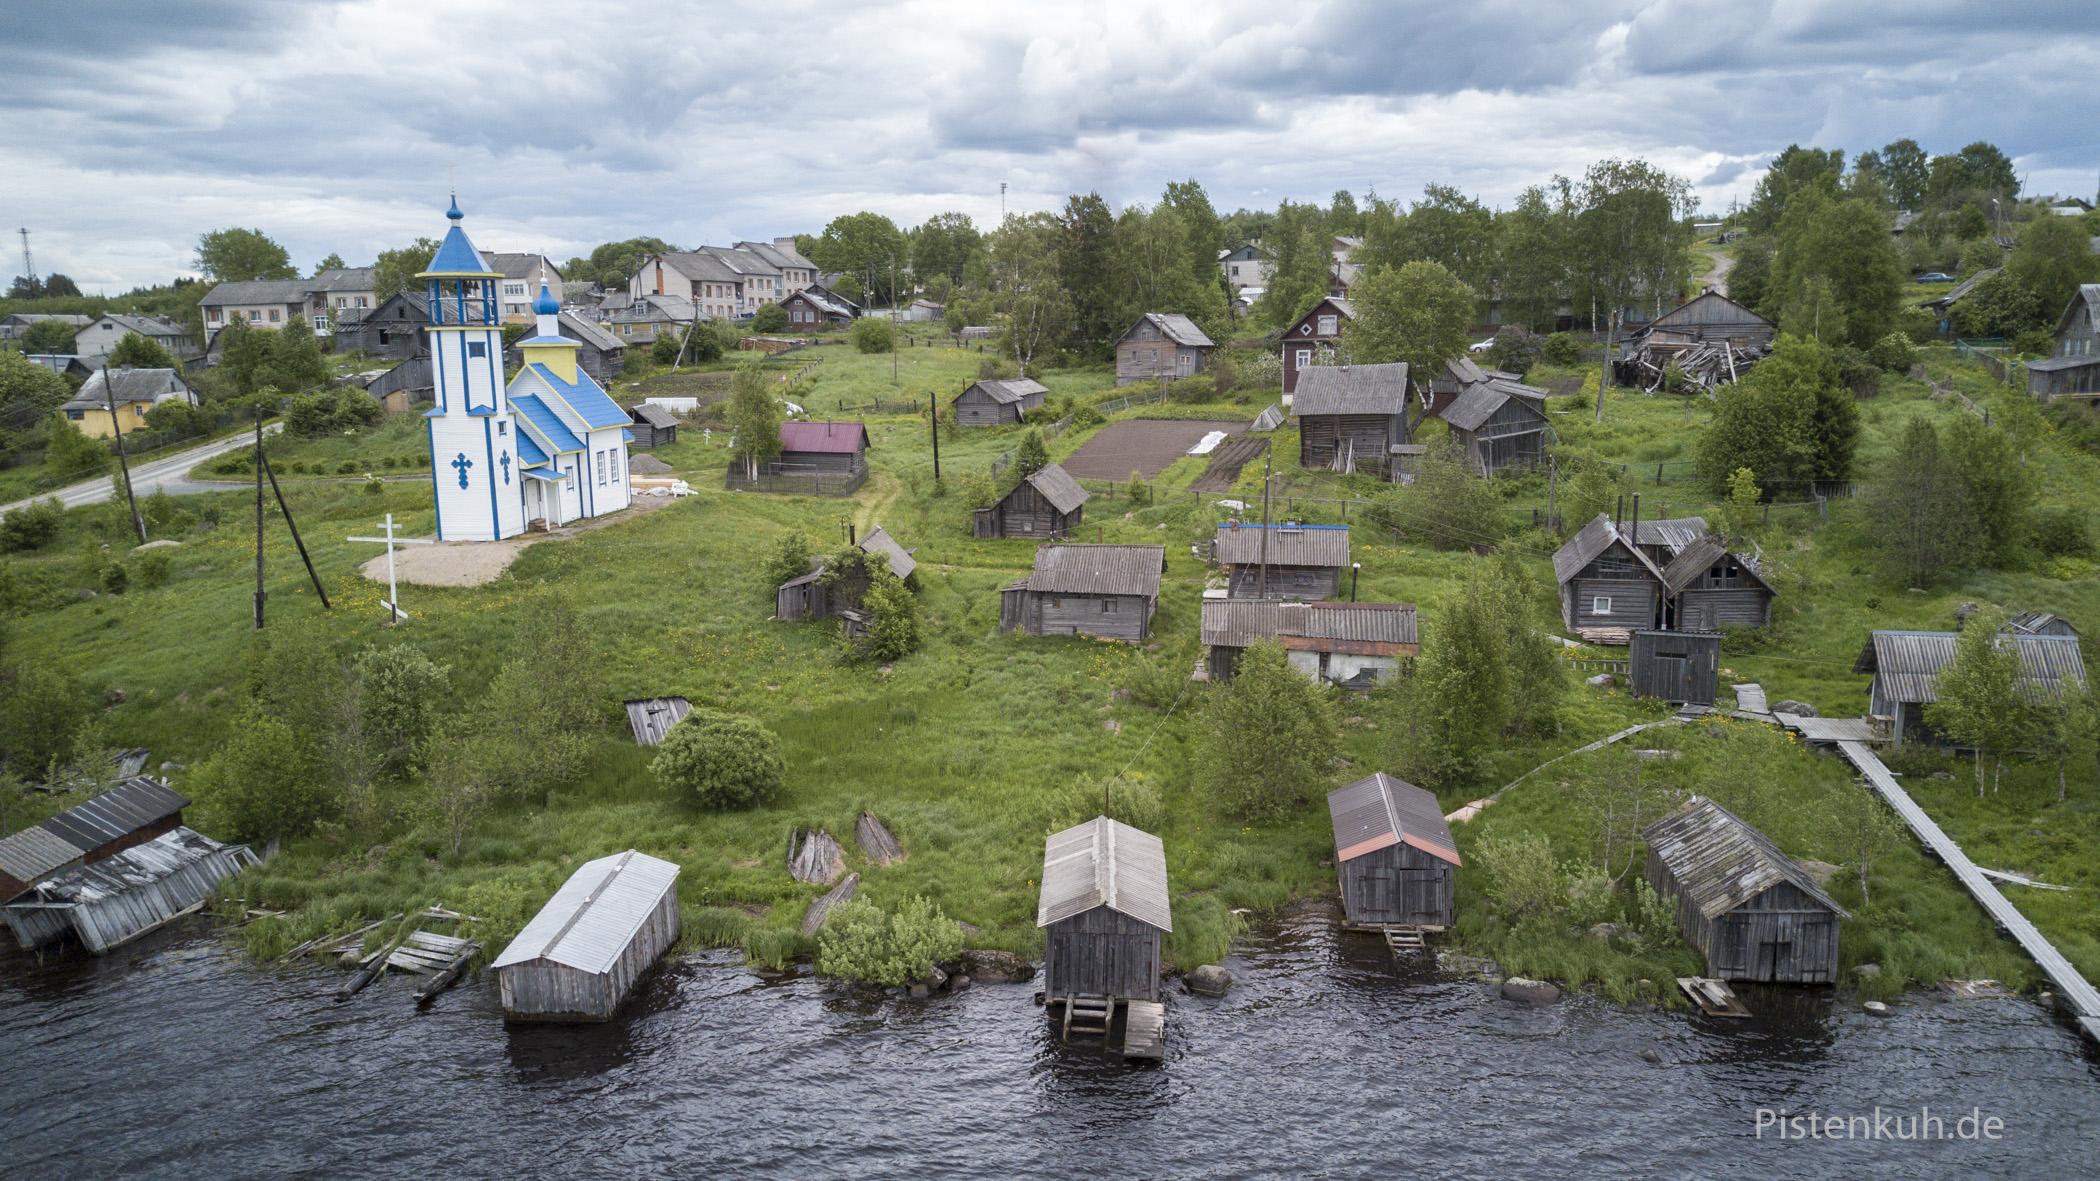 Ein schöner Blick von oben auf ein typisches Dorf in Karelien.